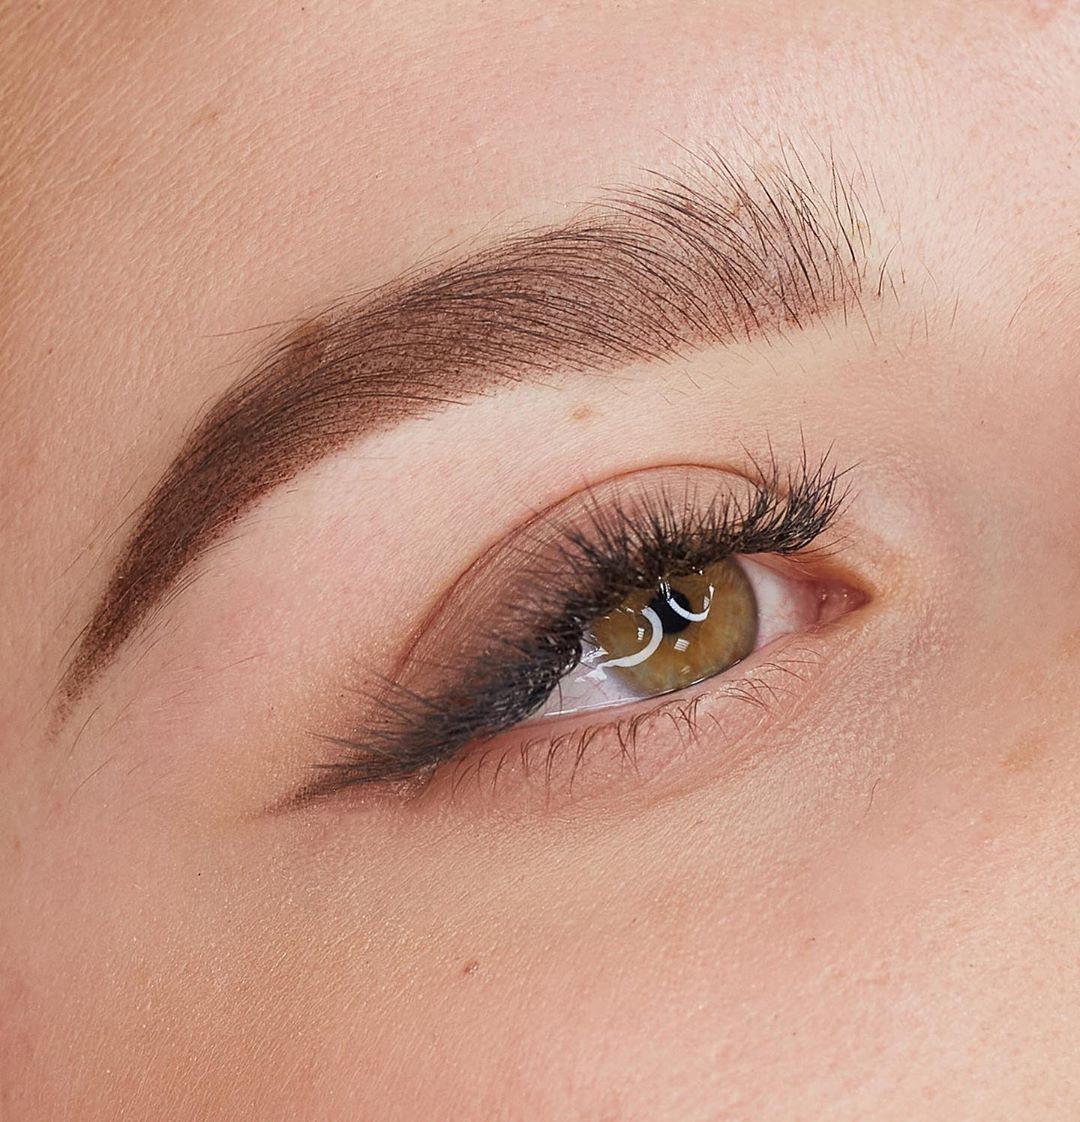 Аксессуары для макияжа: кисть для растушевки карандаша для глаз